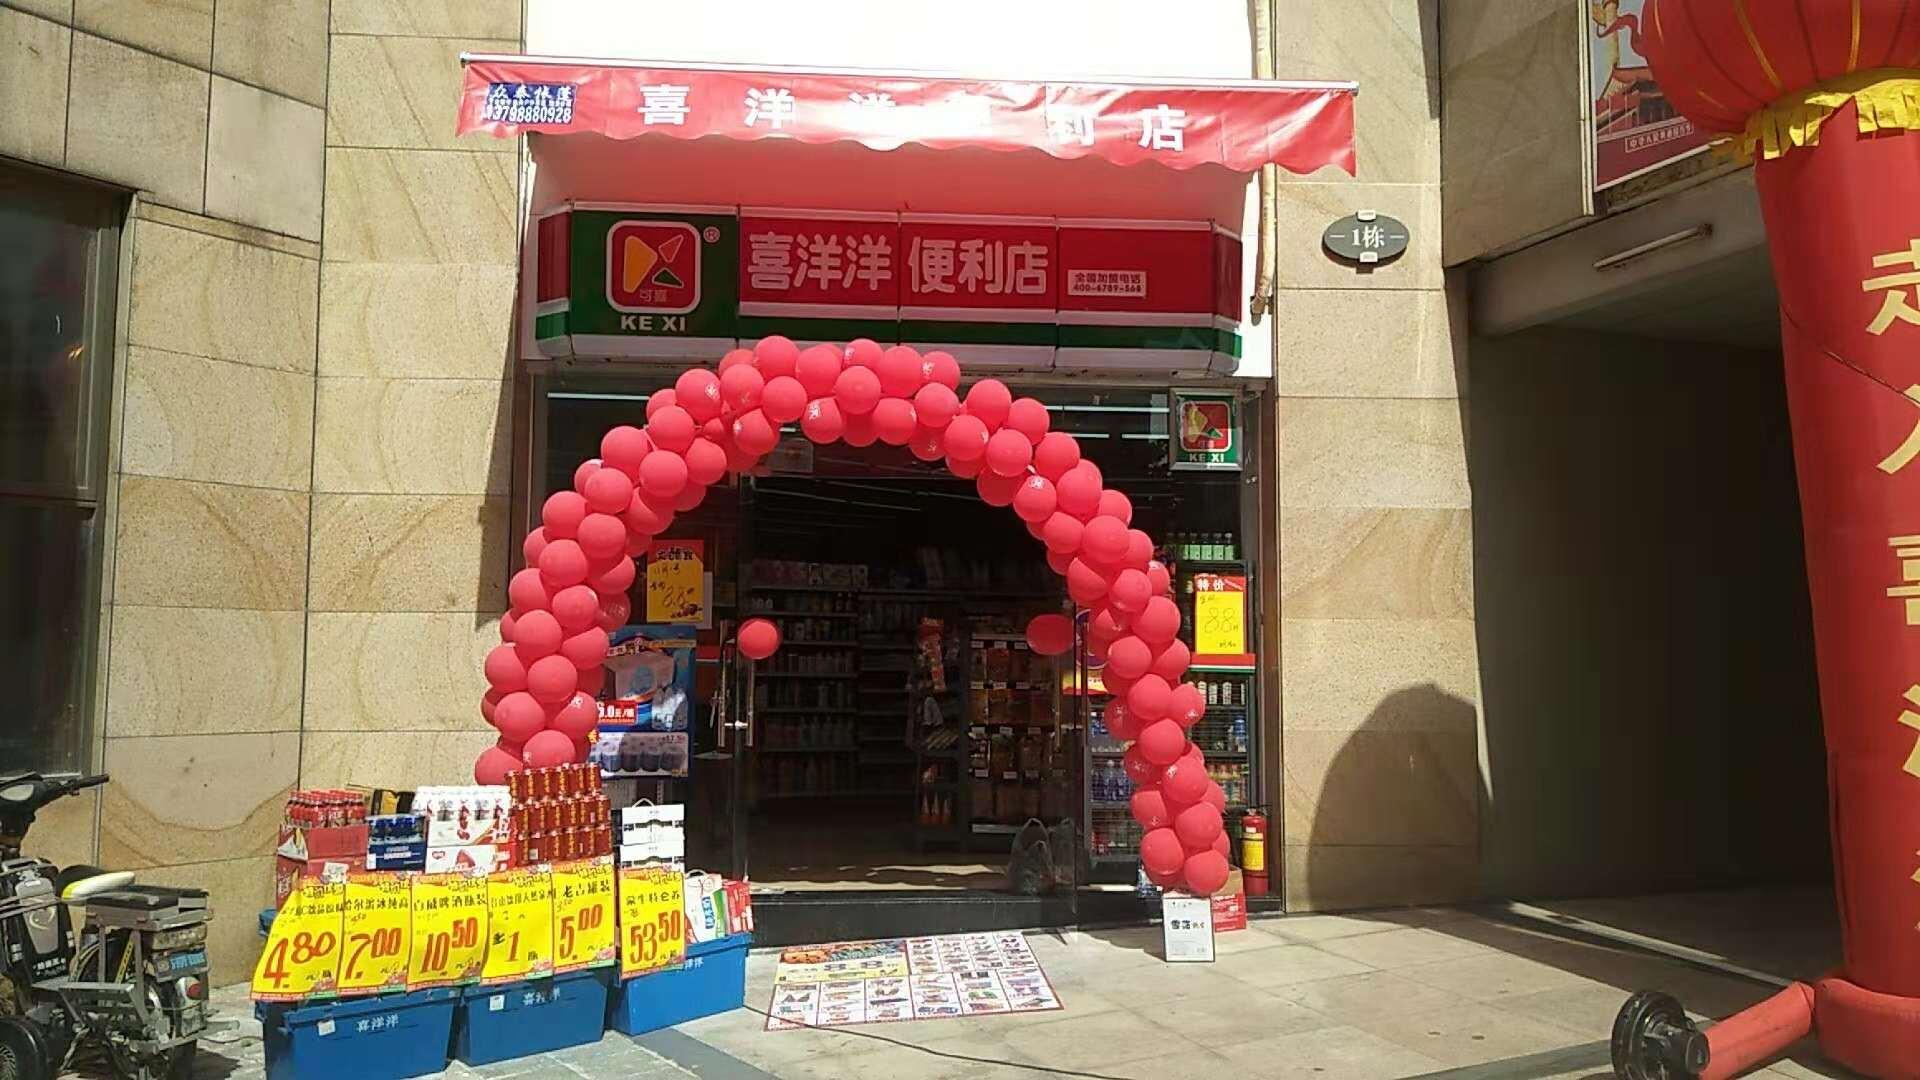 喜洋洋便利店全体员工恭祝厚街汇景分店11月1日隆重开业